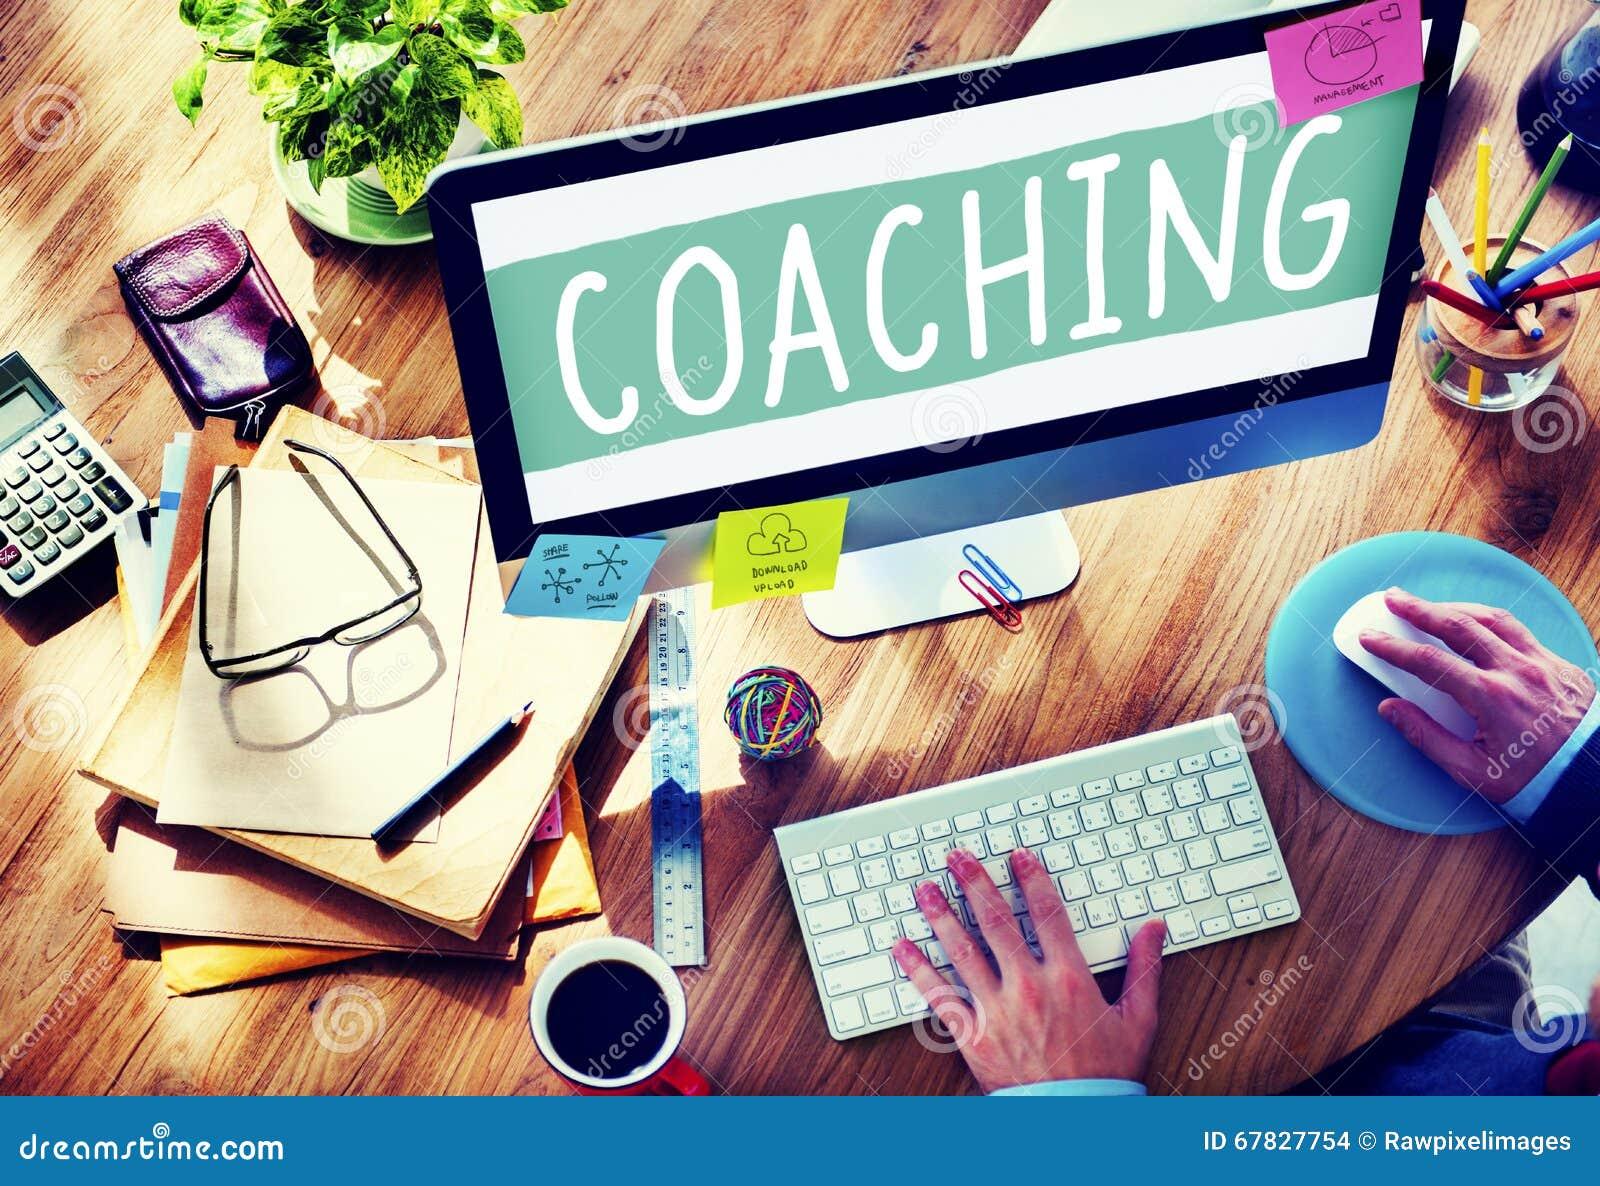 Οι δεξιότητες προγύμνασης λεωφορείων διδάσκουν την έννοια κατάρτισης διδασκαλίας